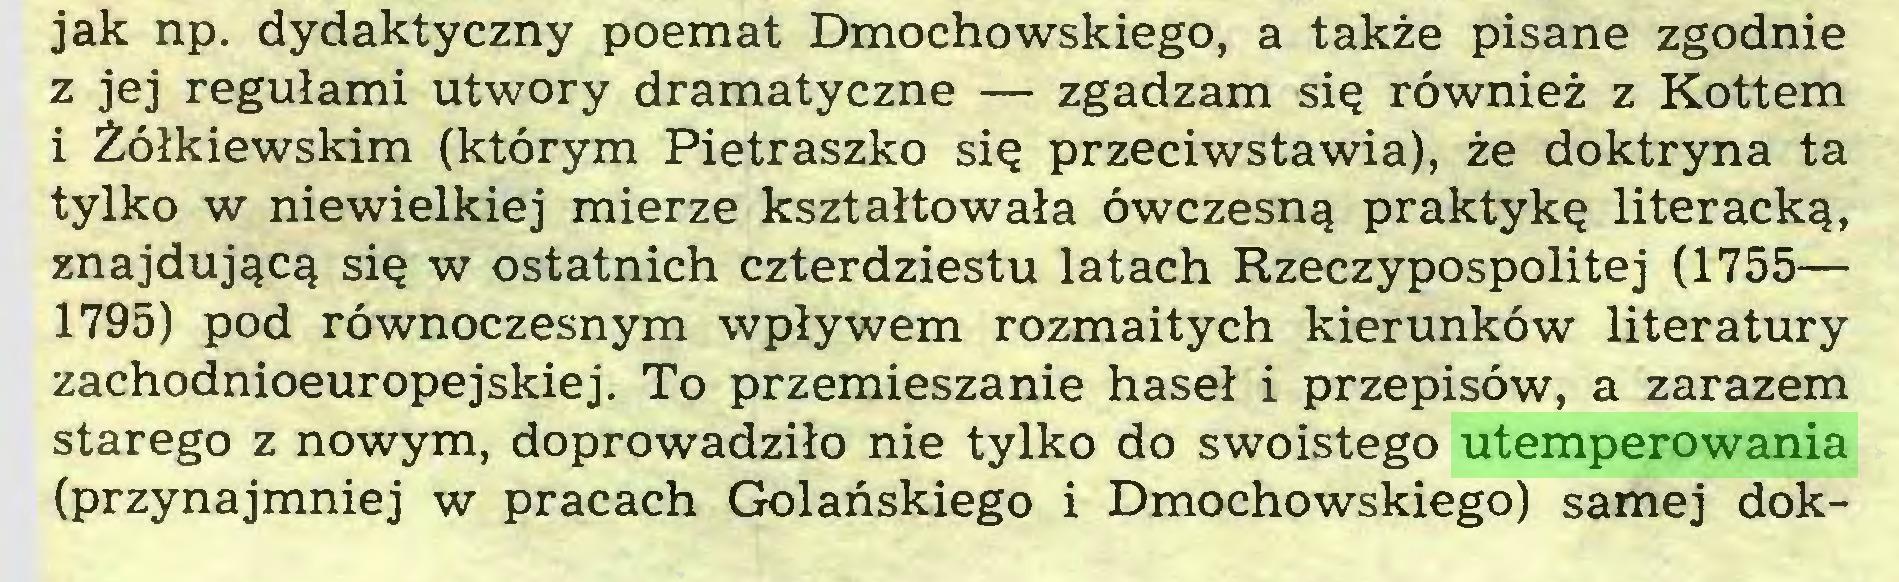 (...) jak np. dydaktyczny poemat Dmochowskiego, a także pisane zgodnie z jej regułami utwory dramatyczne — zgadzam się również z Kottem i Żółkiewskim (którym Pietraszko się przeciwstawia), że doktryna ta tylko w niewielkiej mierze kształtowała ówczesną praktykę literacką, znajdującą się w ostatnich czterdziestu latach Rzeczypospolitej (1755— 1795) pod równoczesnym wpływem rozmaitych kierunków literatury zachodnioeuropejskiej. To przemieszanie haseł i przepisów, a zarazem starego z nowym, doprowadziło nie tylko do swoistego utemperowania (przynajmniej w pracach Golańskiego i Dmochowskiego) samej dok...